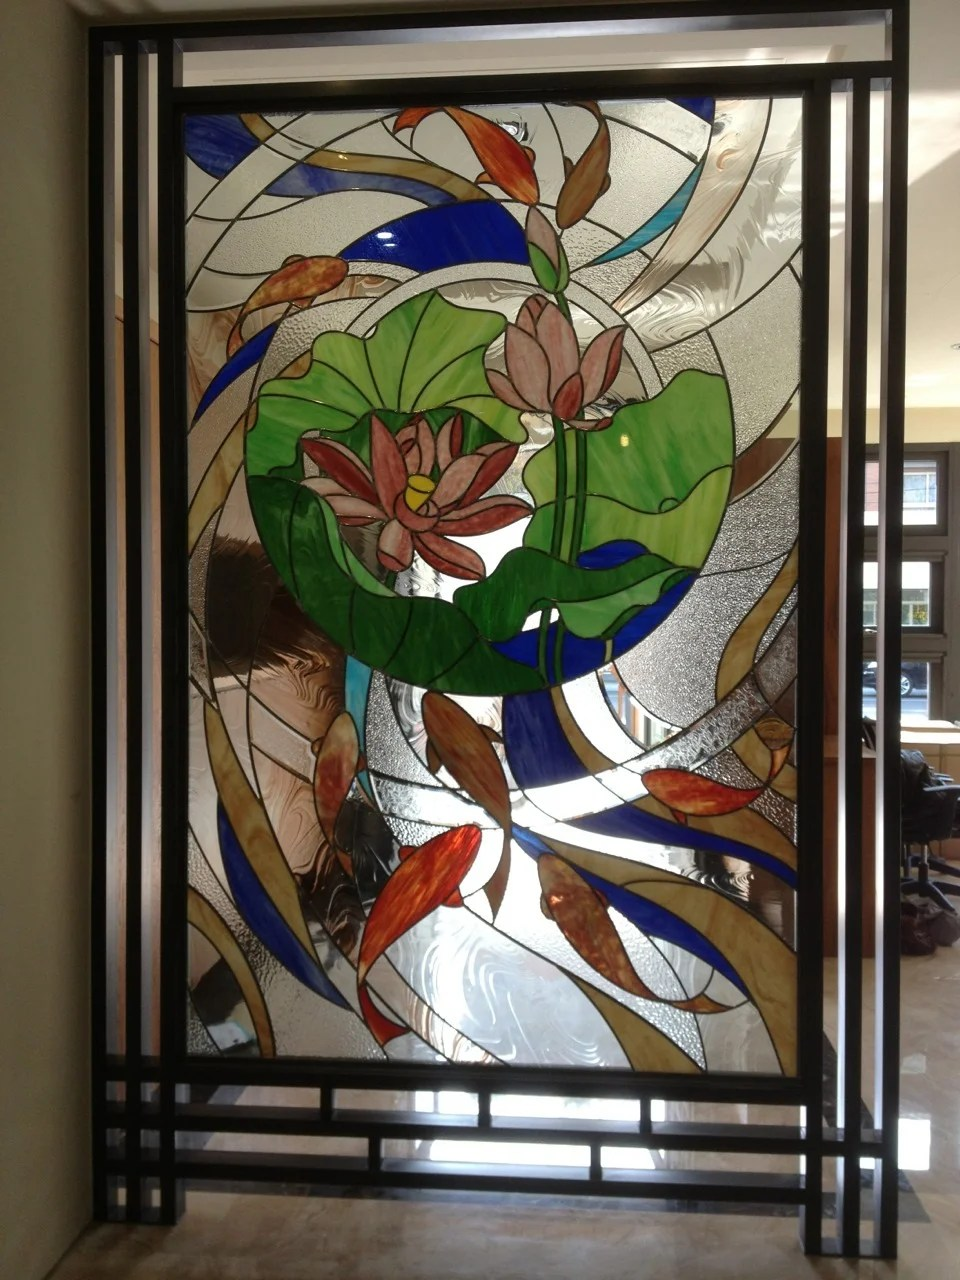 藝術玻璃之家-芳仕璐昂琉璃藝術館-專業藝術玻璃,窯燒玻璃,鑲嵌玻璃,公共藝術設計製作,精緻工法,獨到 ...